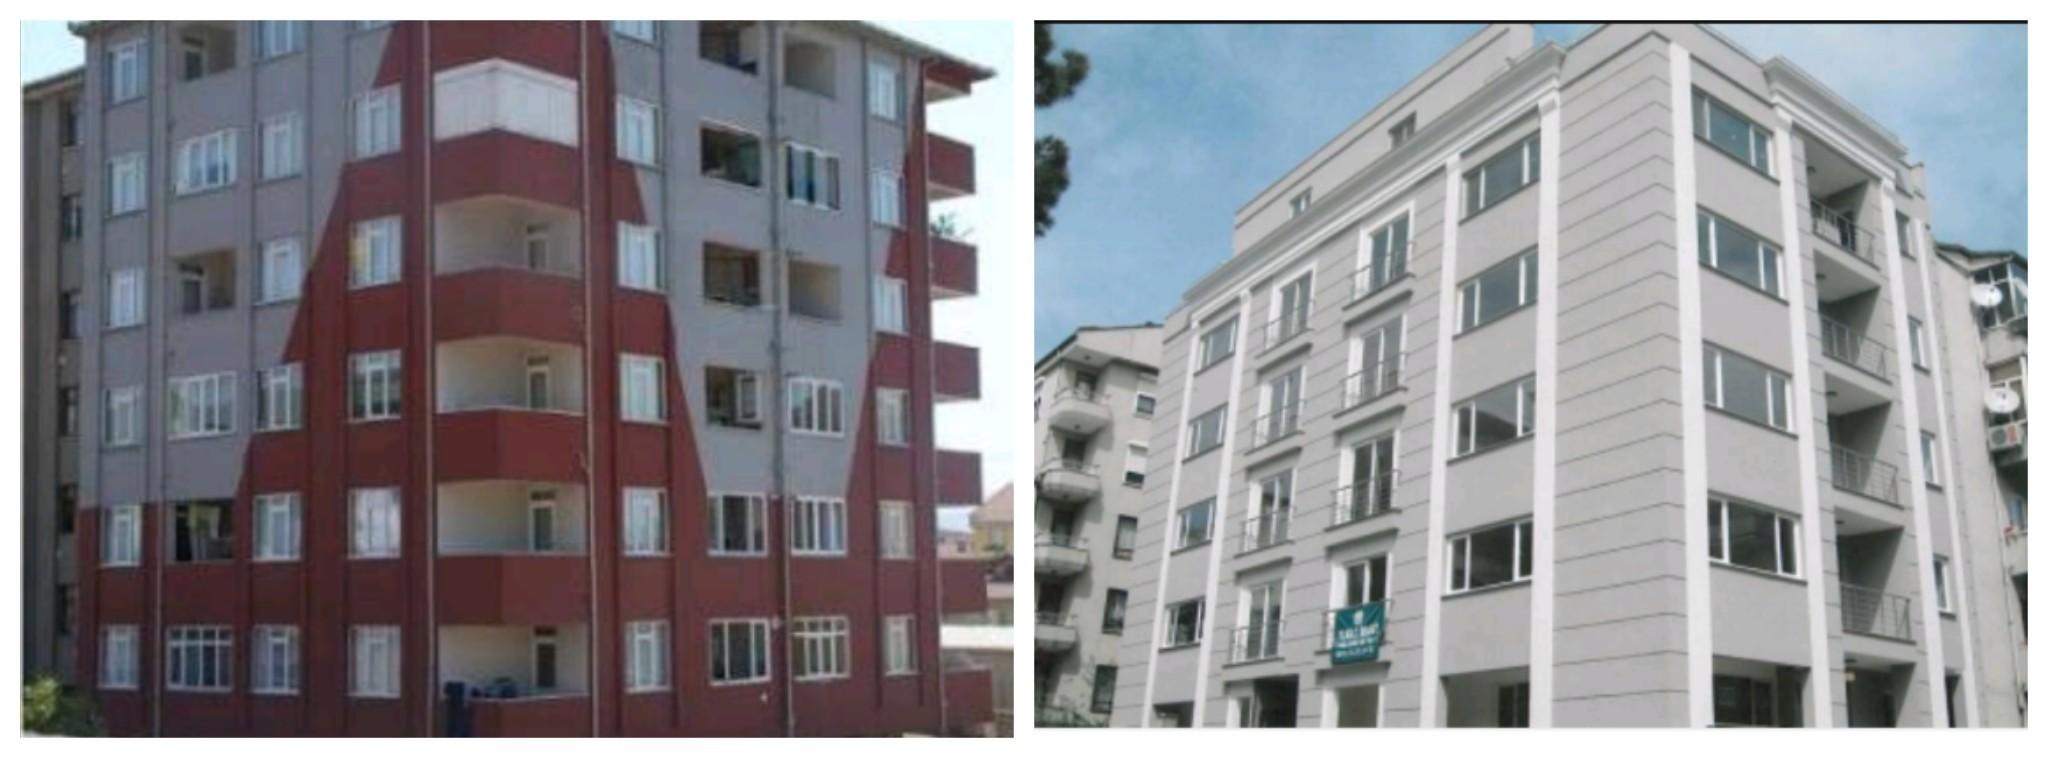 türk, eski ve yeni bina örneği (2000-2018)